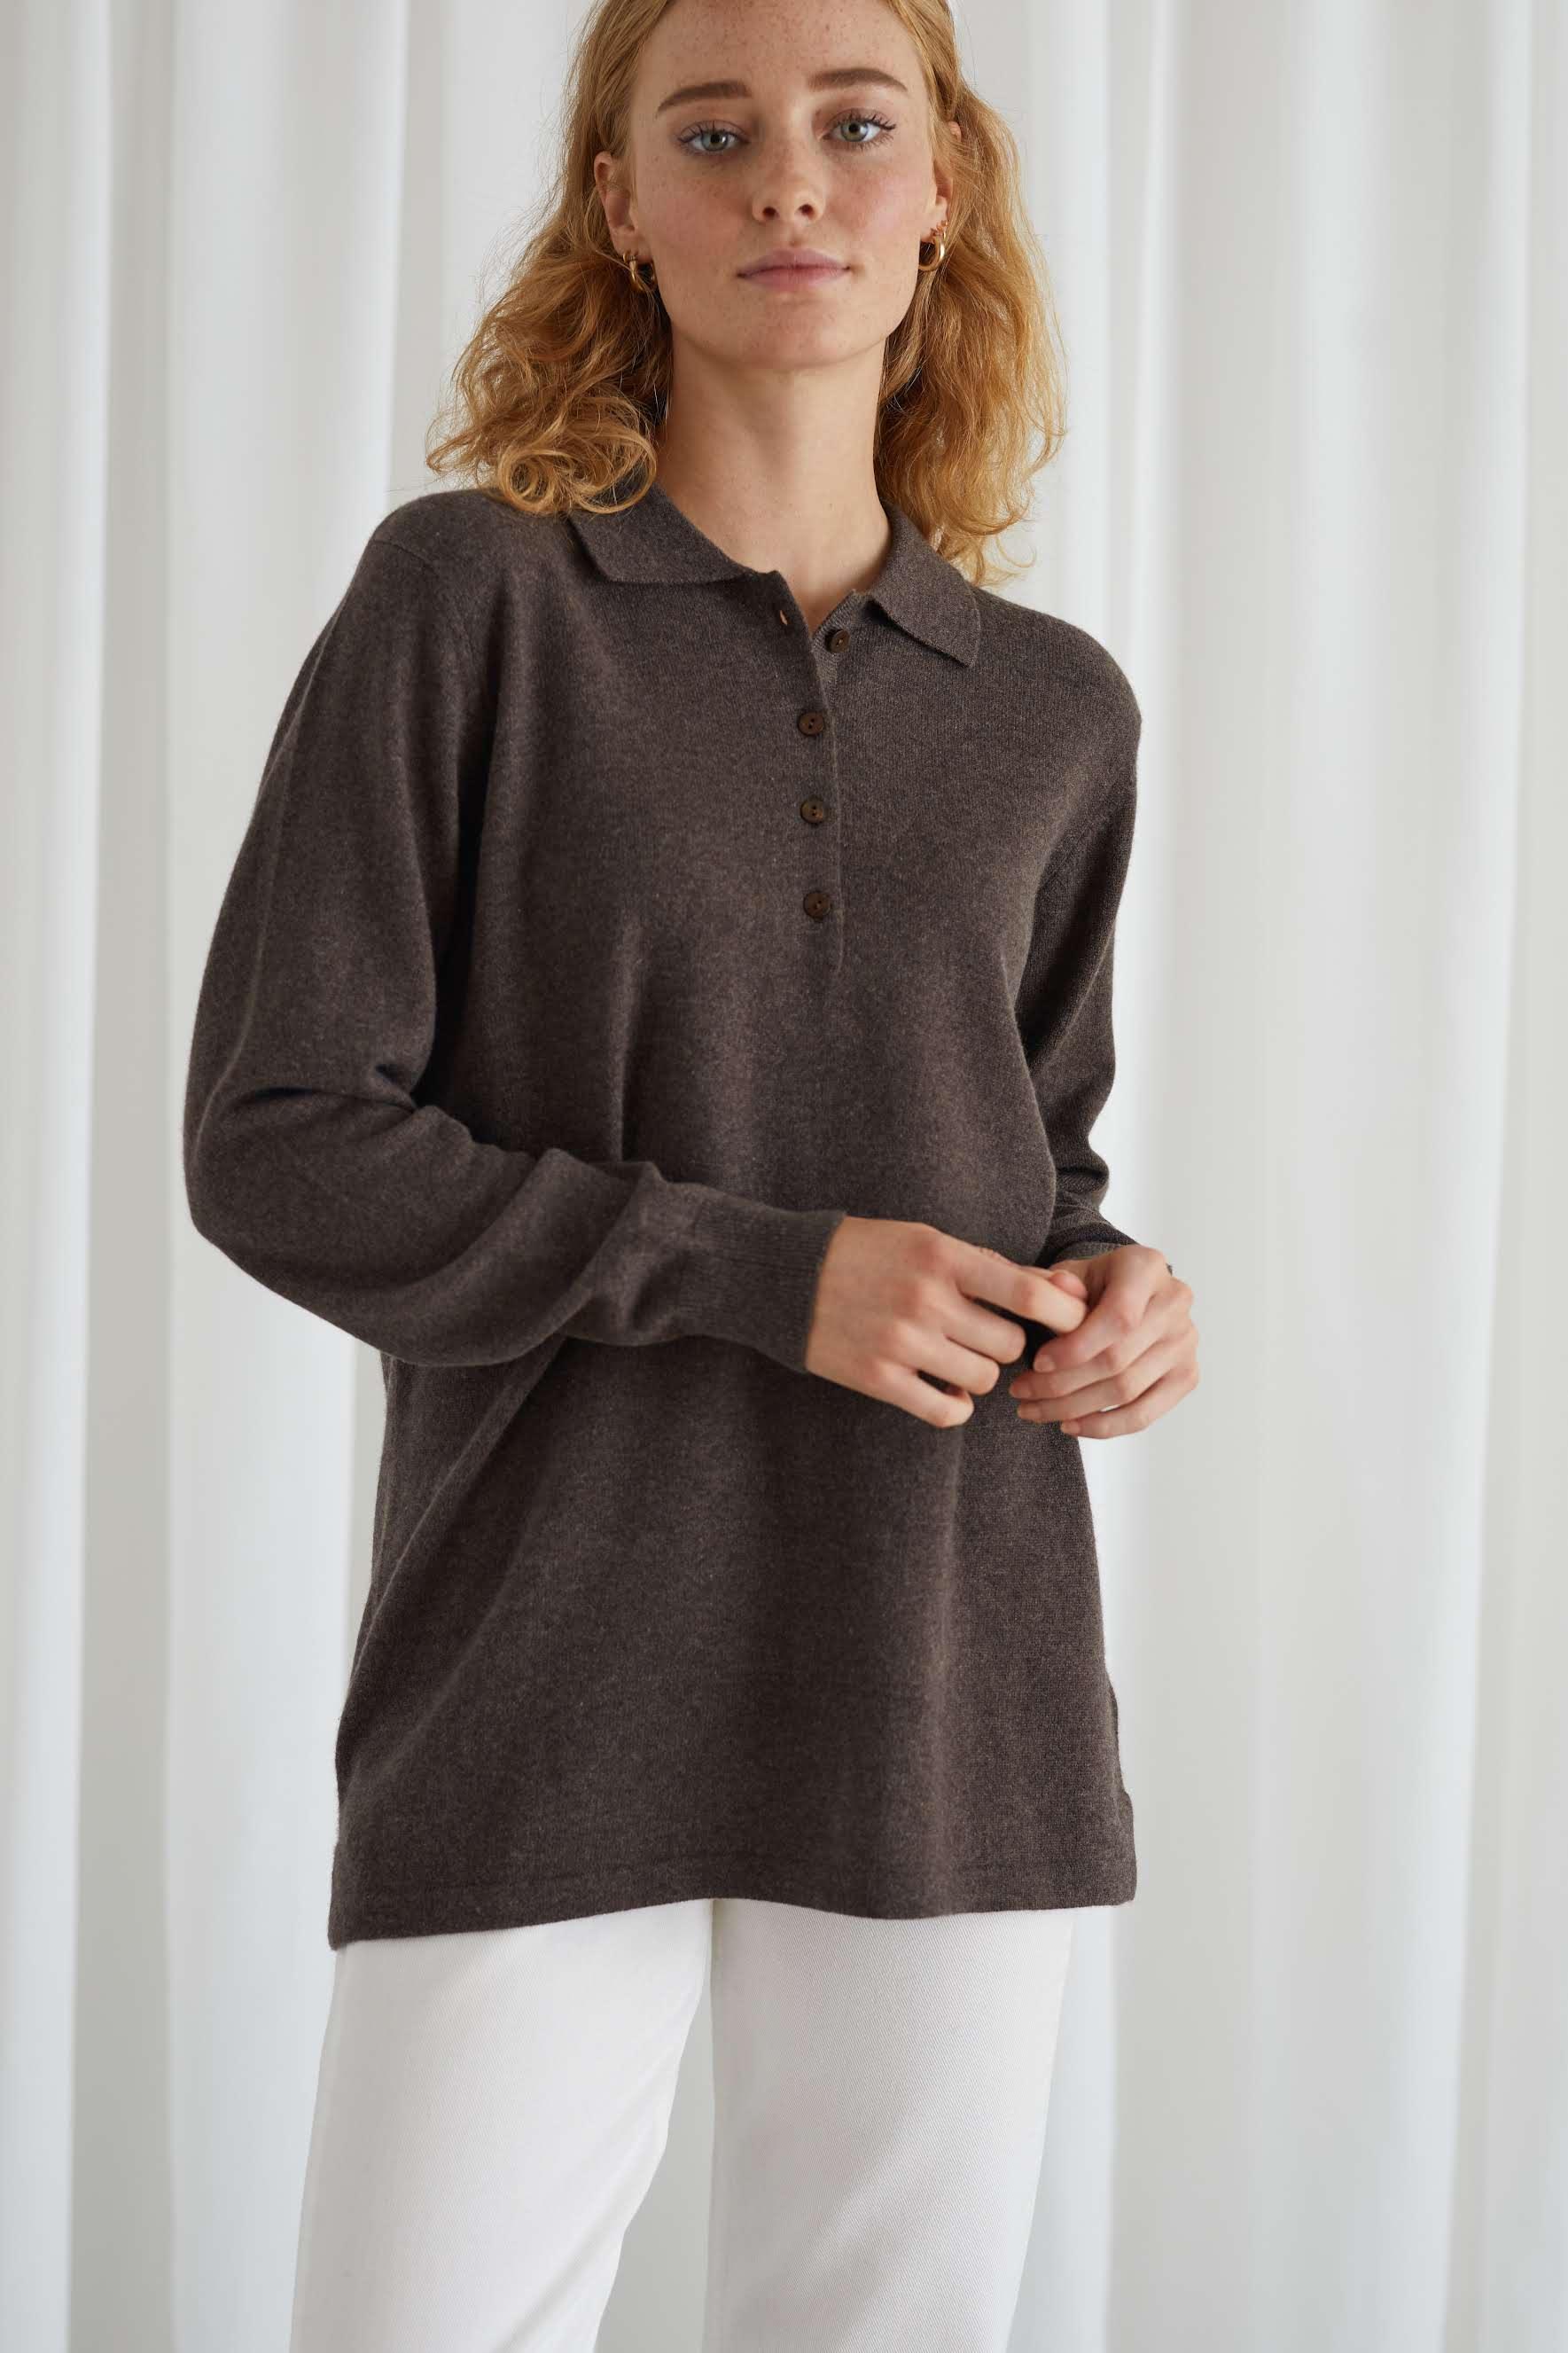 Collar Buttoned Shirt